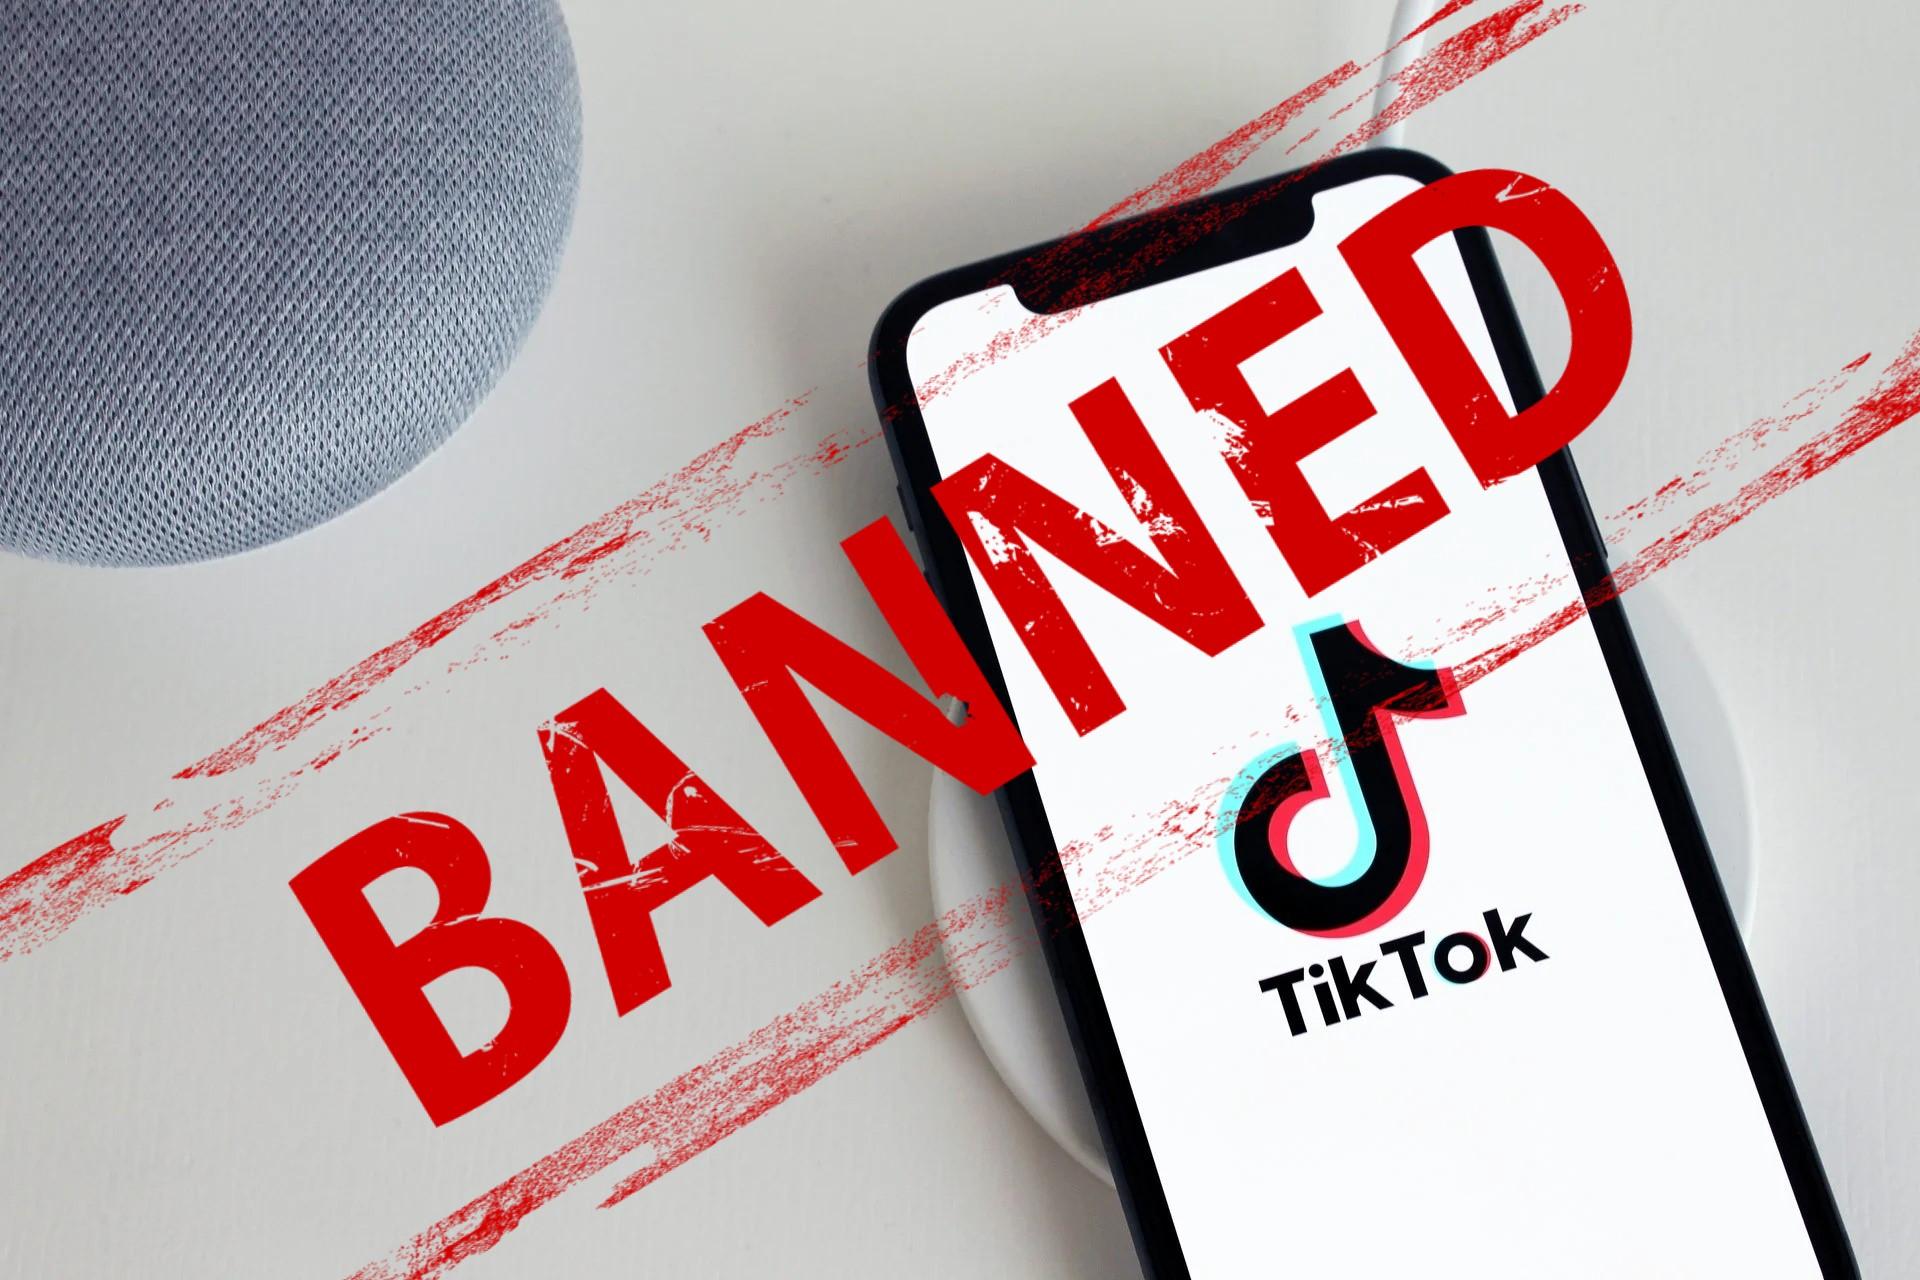 Trump podpisał wyrok. Amerykańskie firmy otrzymały zakaz współpracy z TikTokiem i WeChat